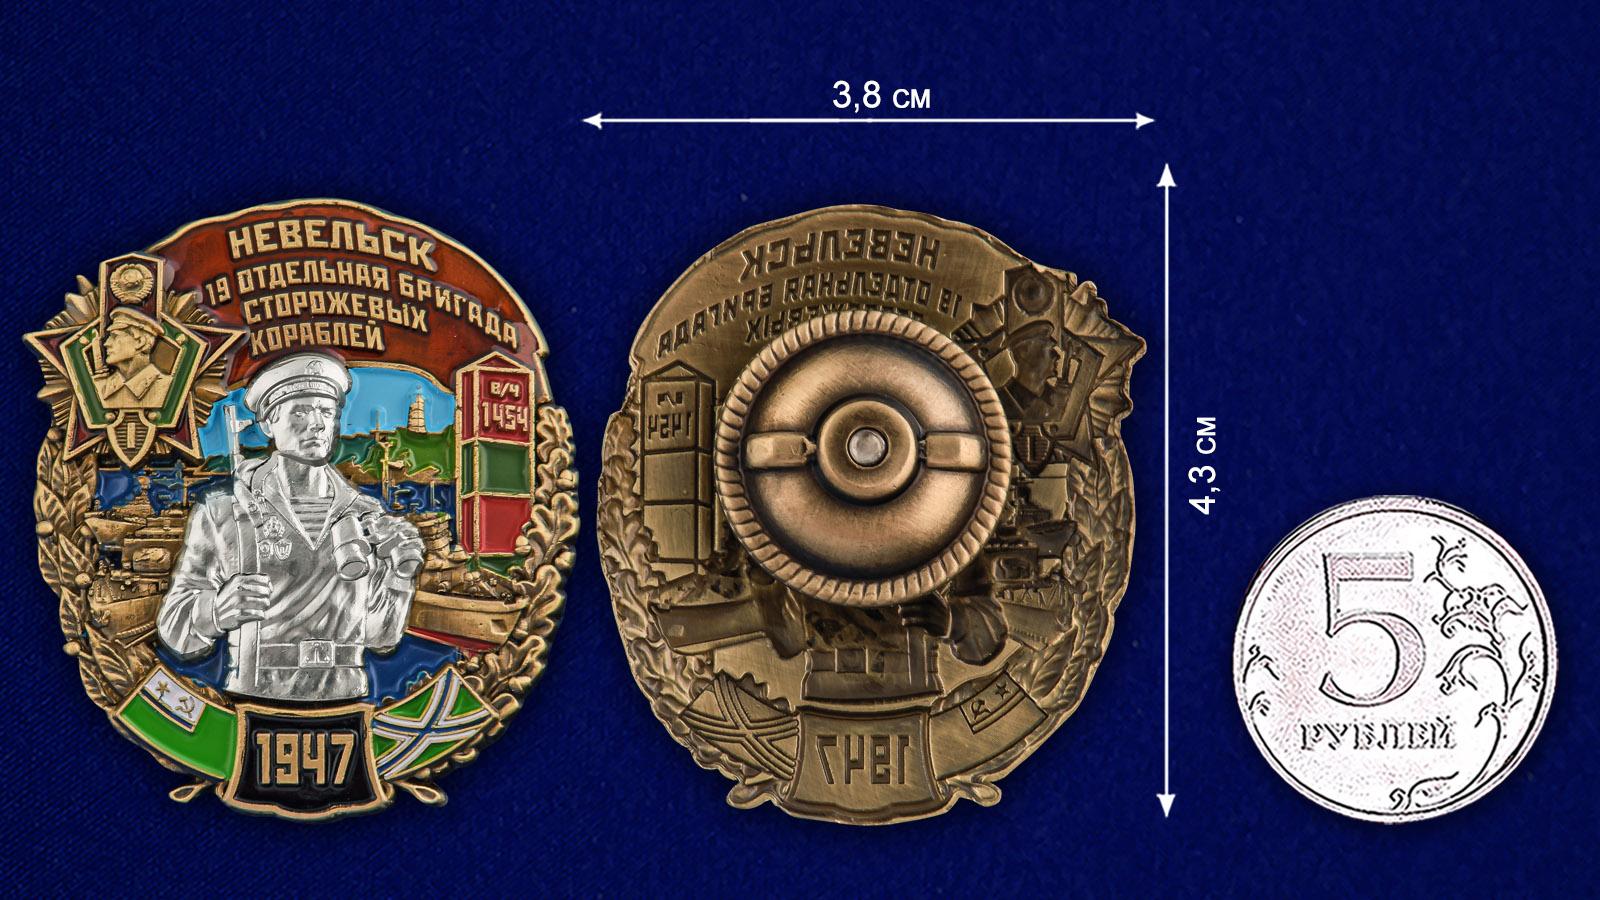 Нагрудный знак 19 ОБрПСКР Невельск - сравнительный вид